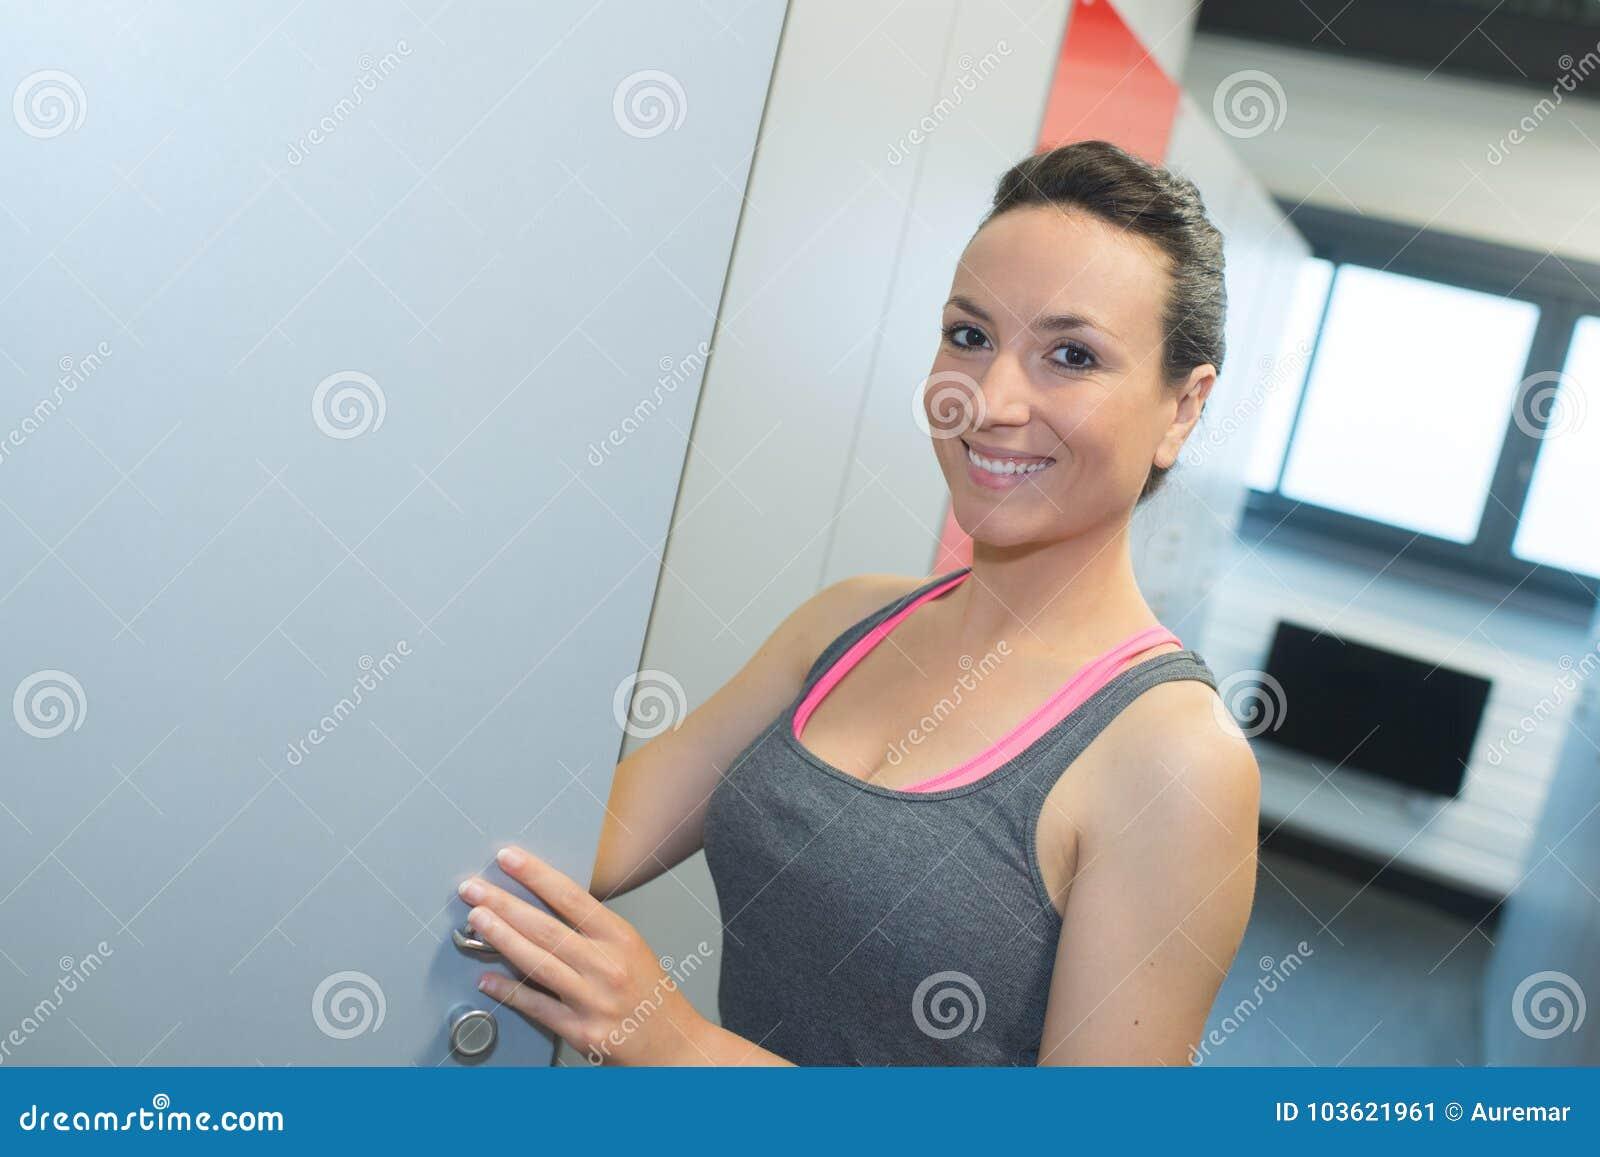 Раздевалки в спортзалах женщины